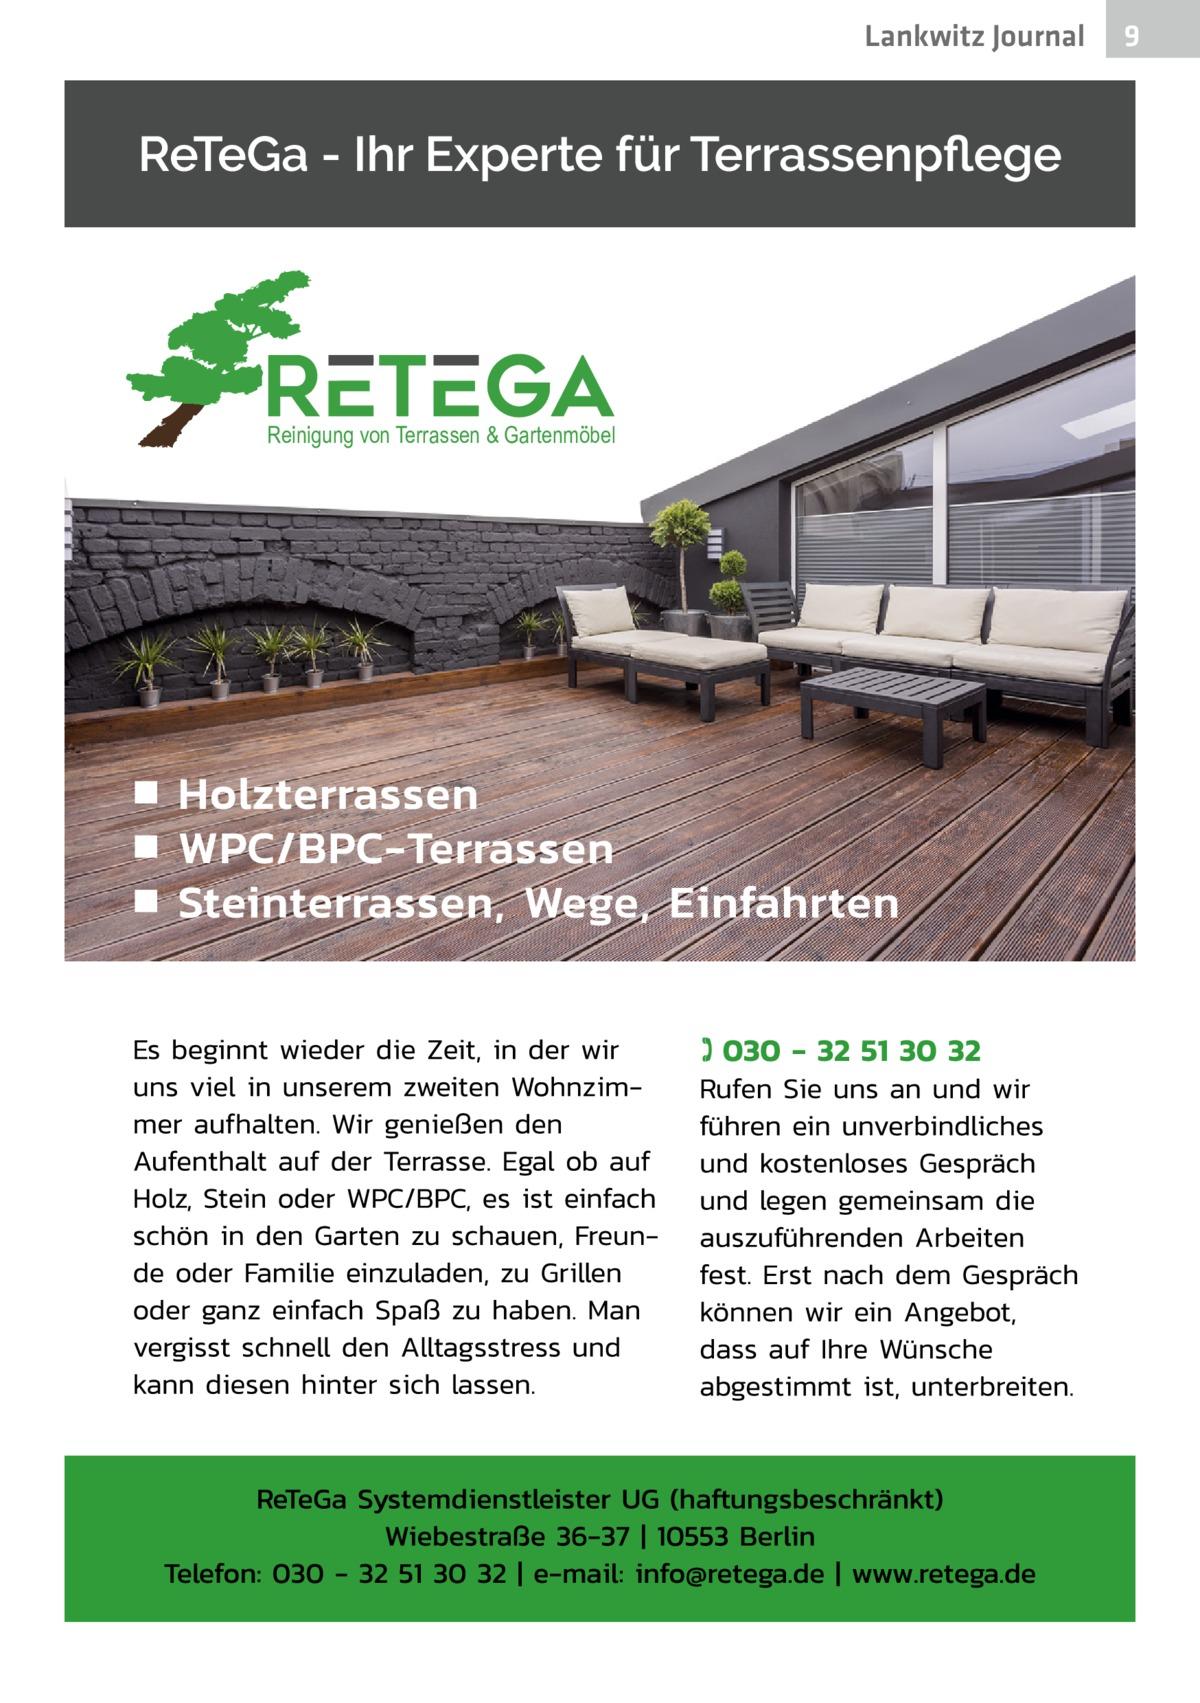 Lankwitz Journal  Reinigung von Terrassen & Gartenmöbel  9